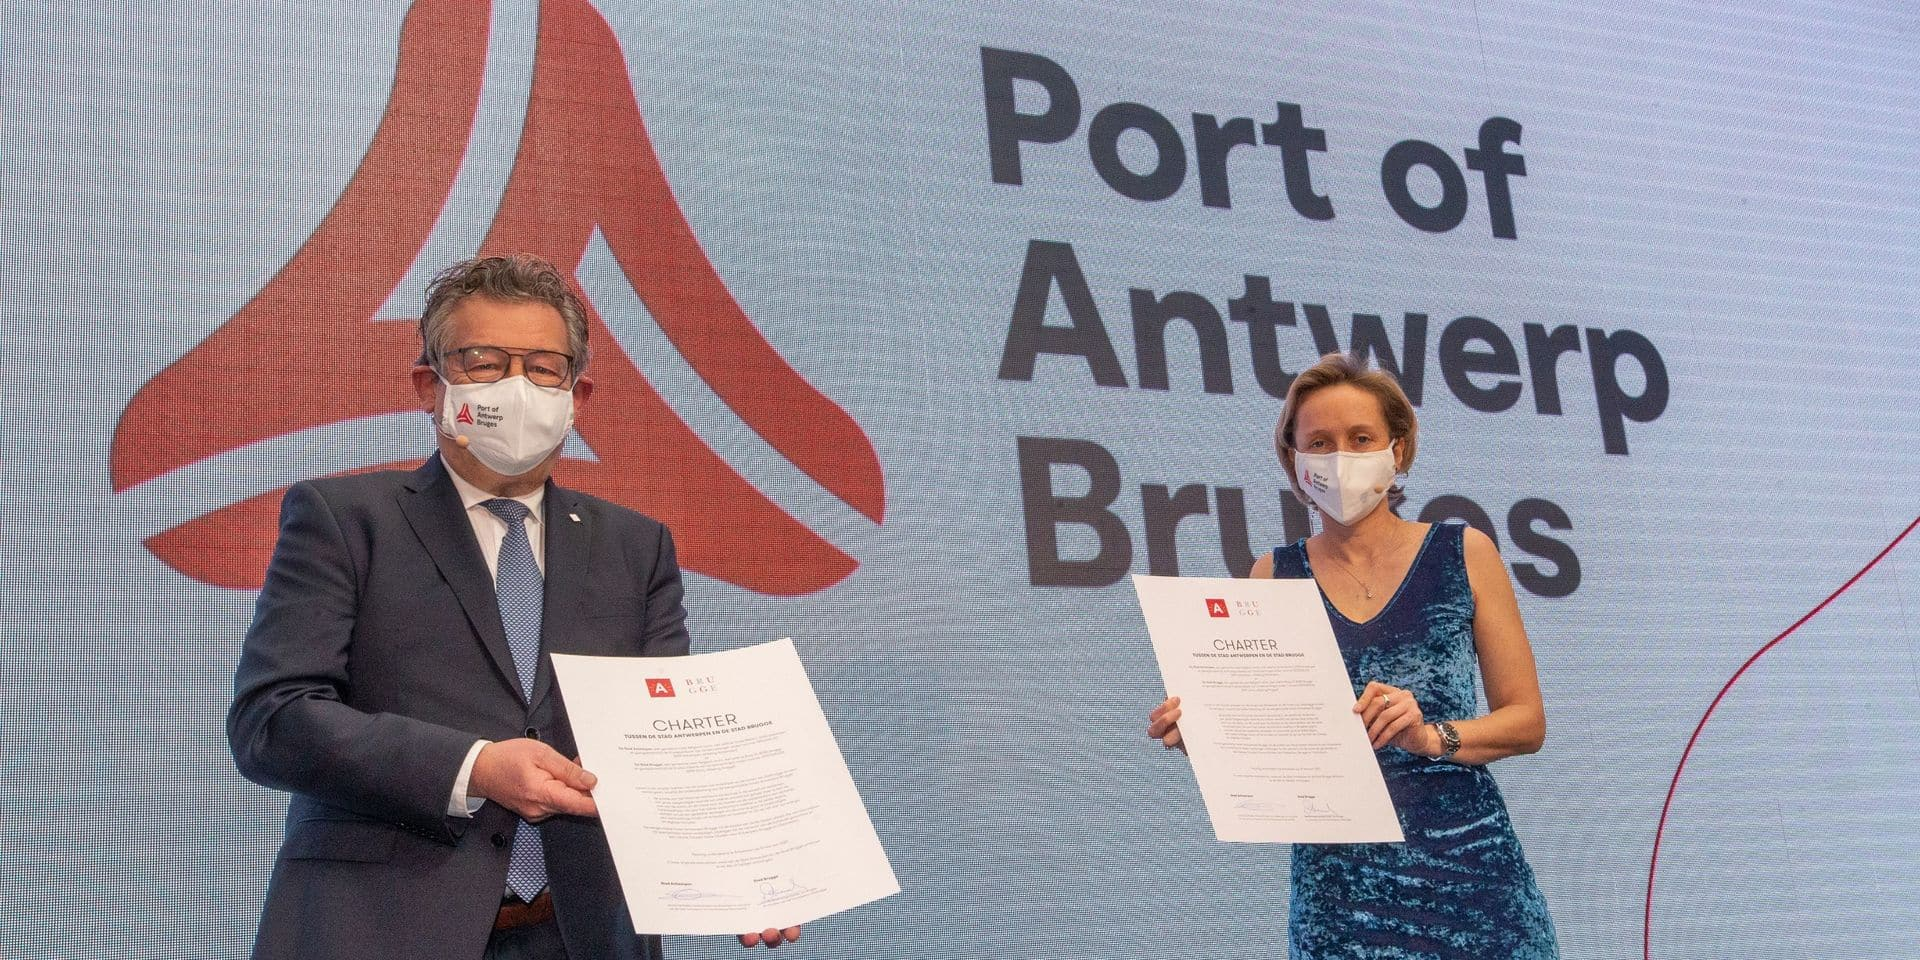 Dirk De fauw, bourgmestre de Bruges et Annick De Ridder, échevine du port d'Anvers, ont présenté cette union lors d'une conférence de presse.